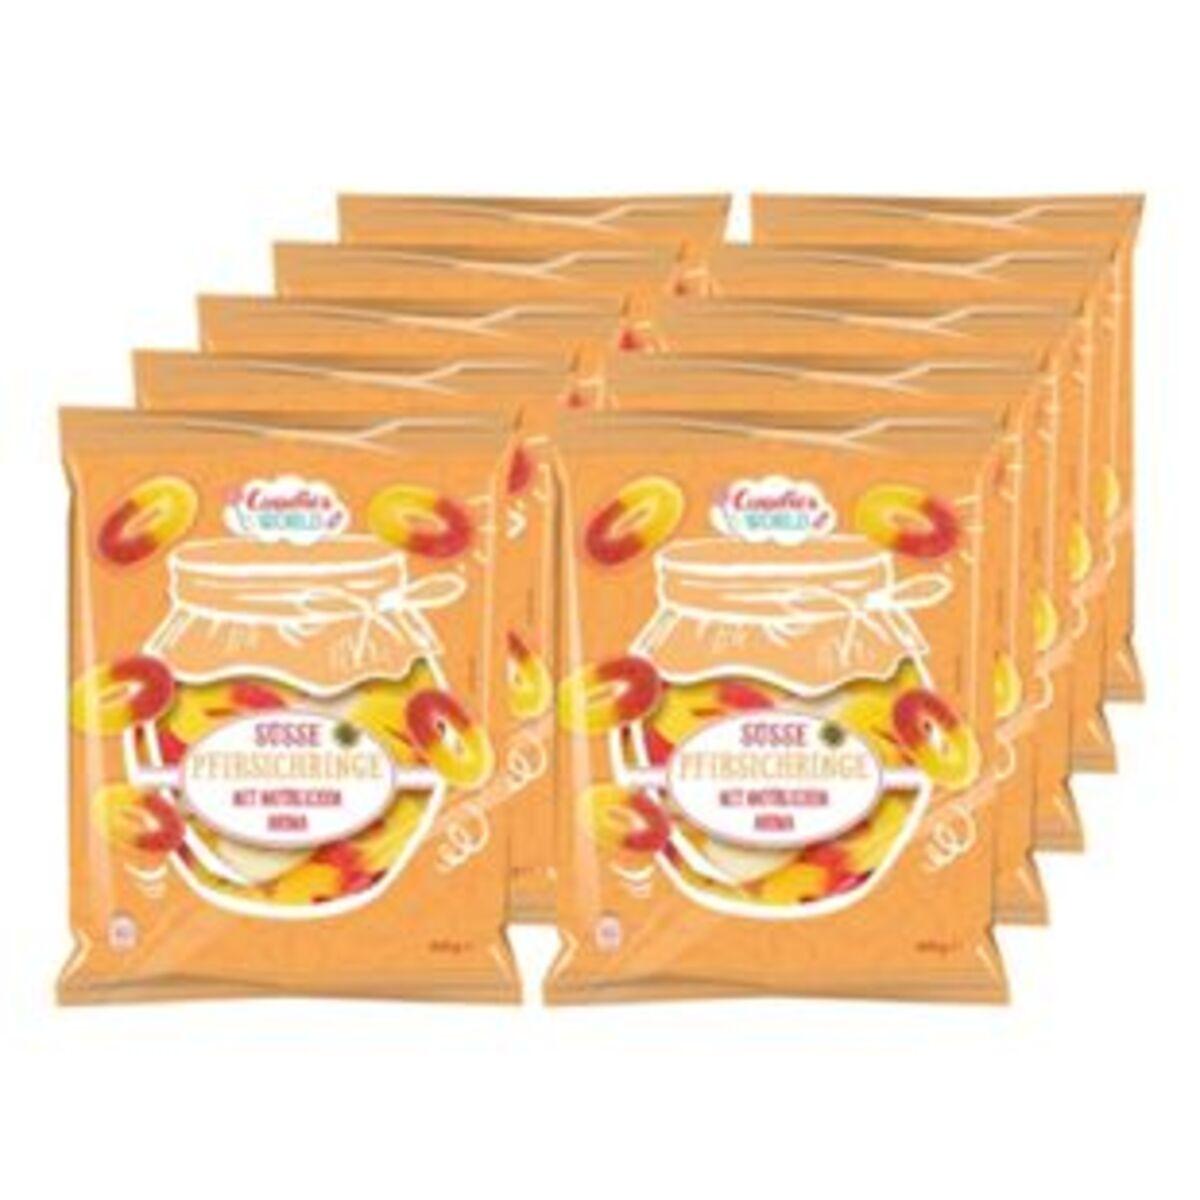 Bild 2 von Candies World süsse Pfirsichringe 400 g, 10er Pack